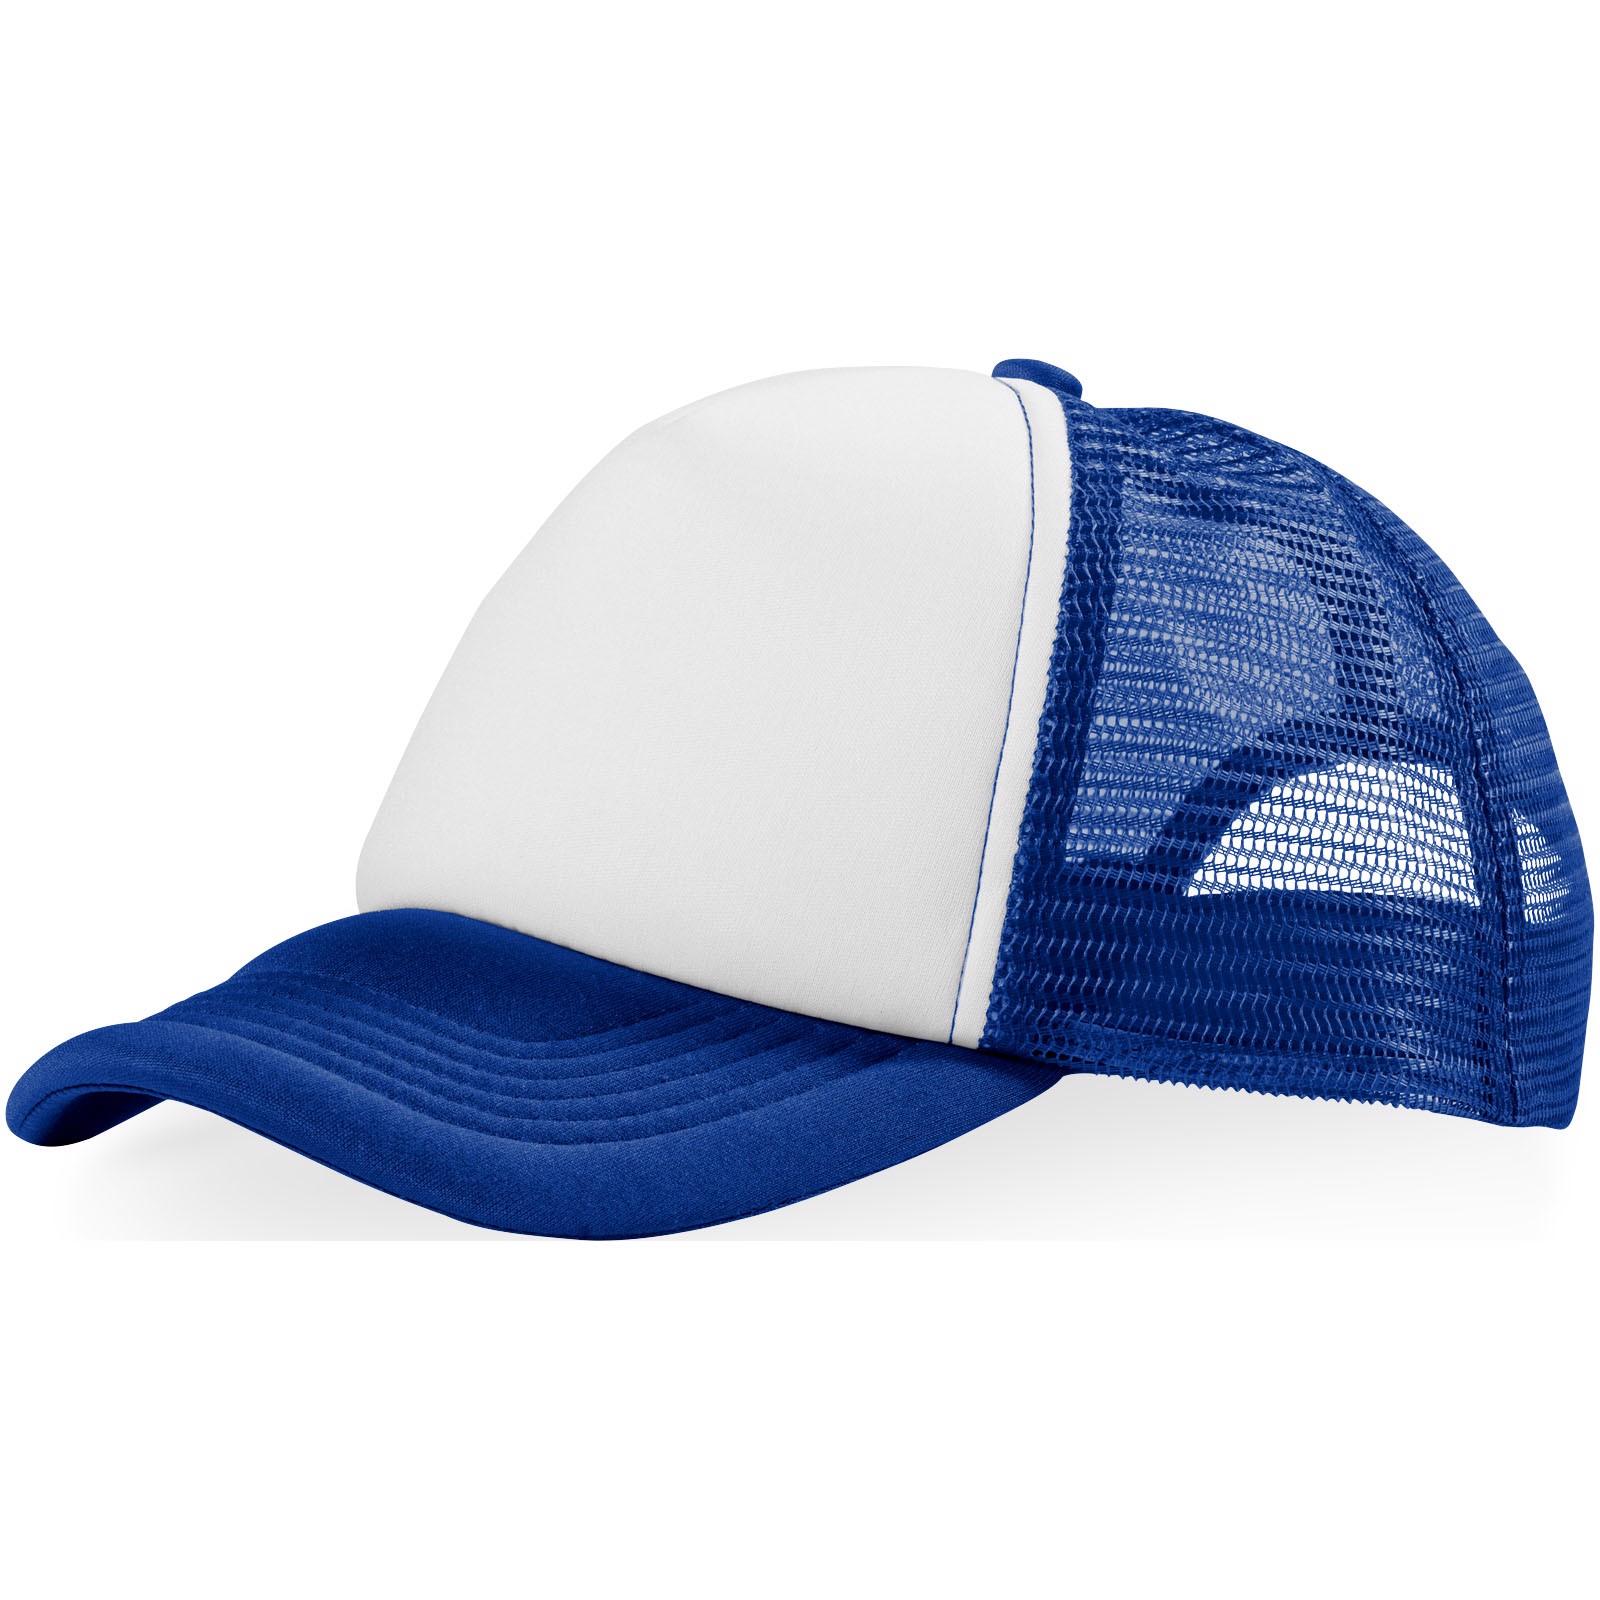 Trucker 5 panel cap - Royal blue / White